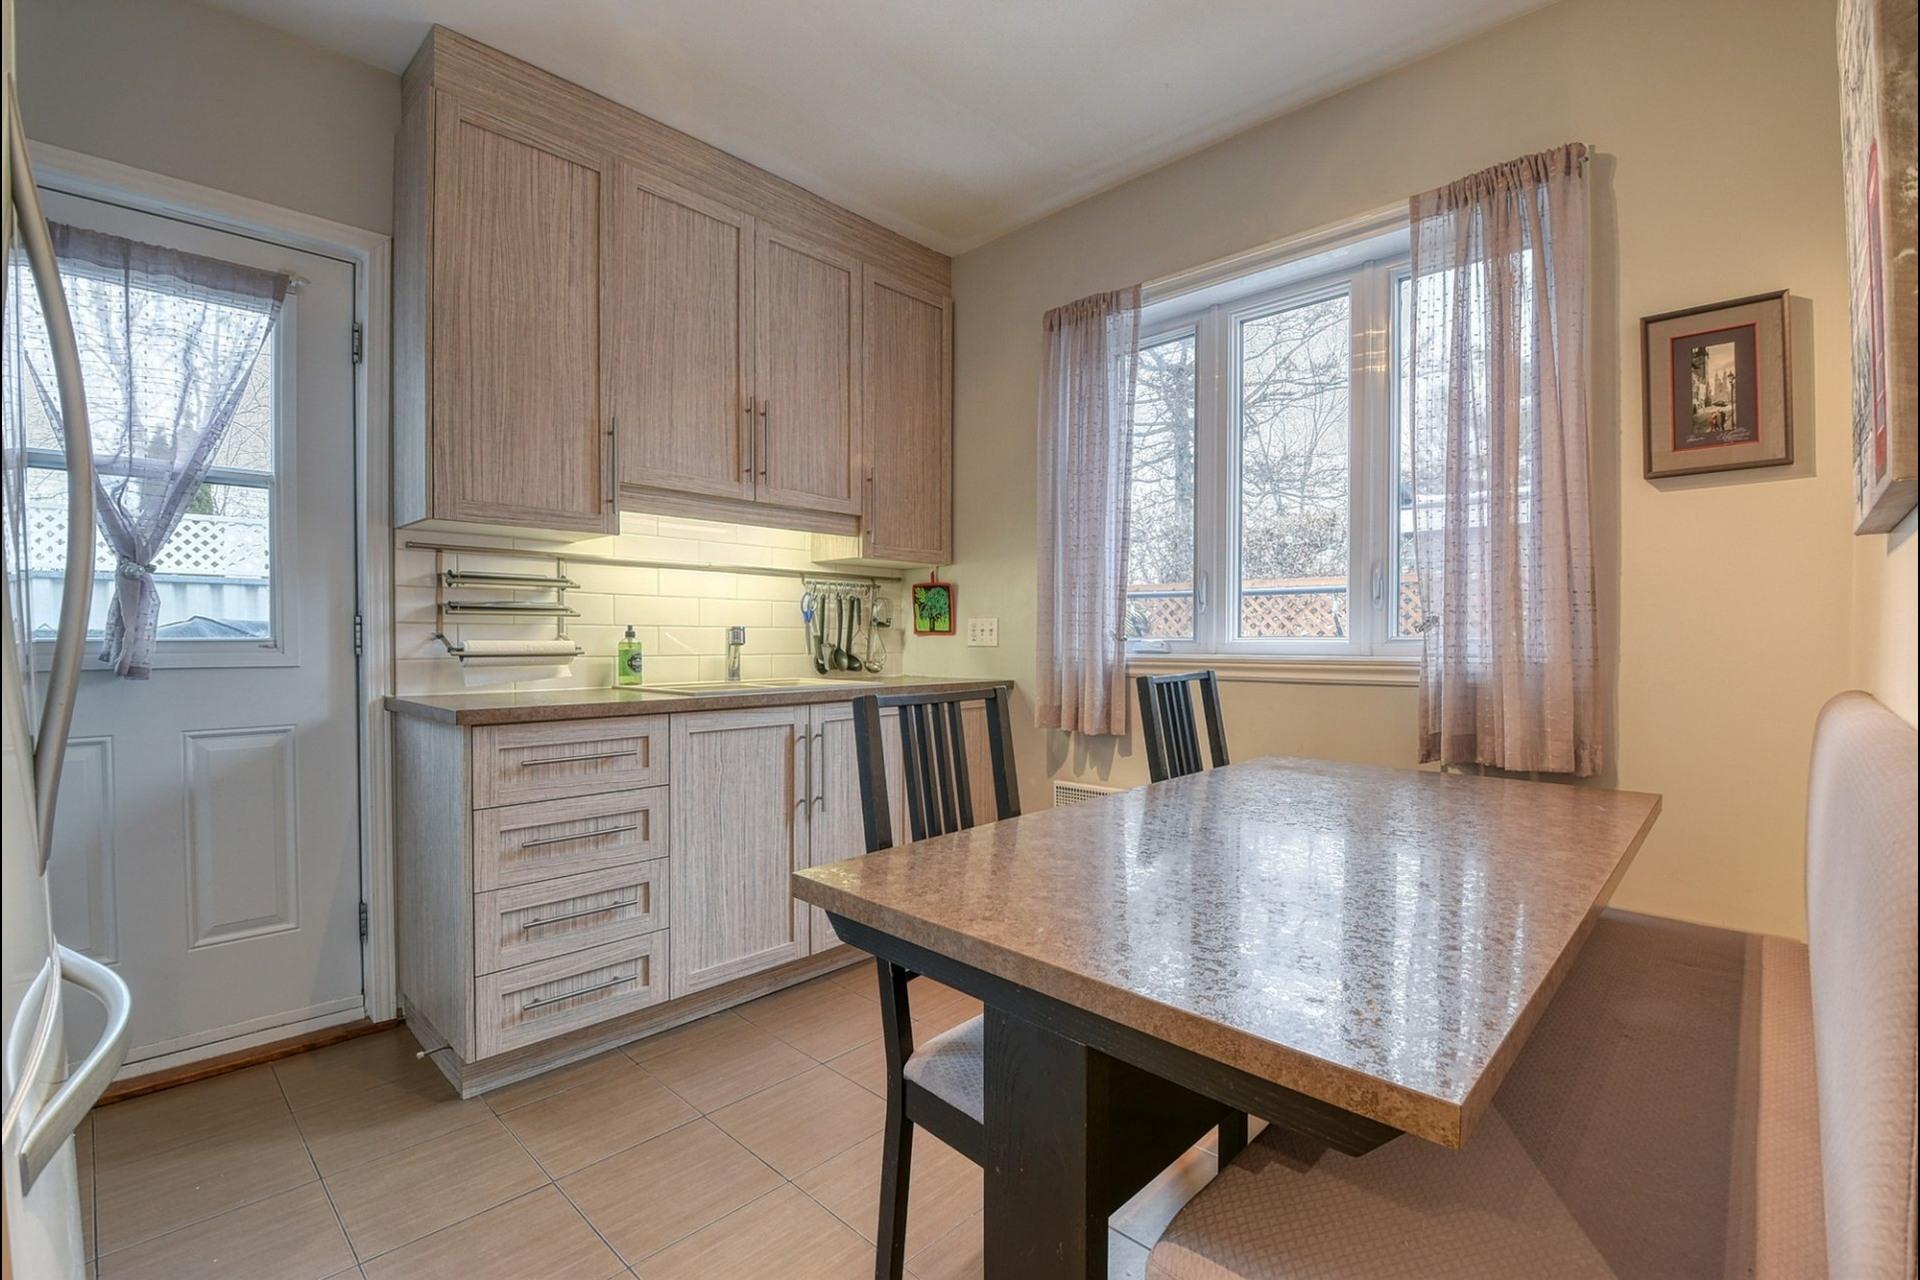 image 5 - House For sale Lachine Montréal  - 8 rooms